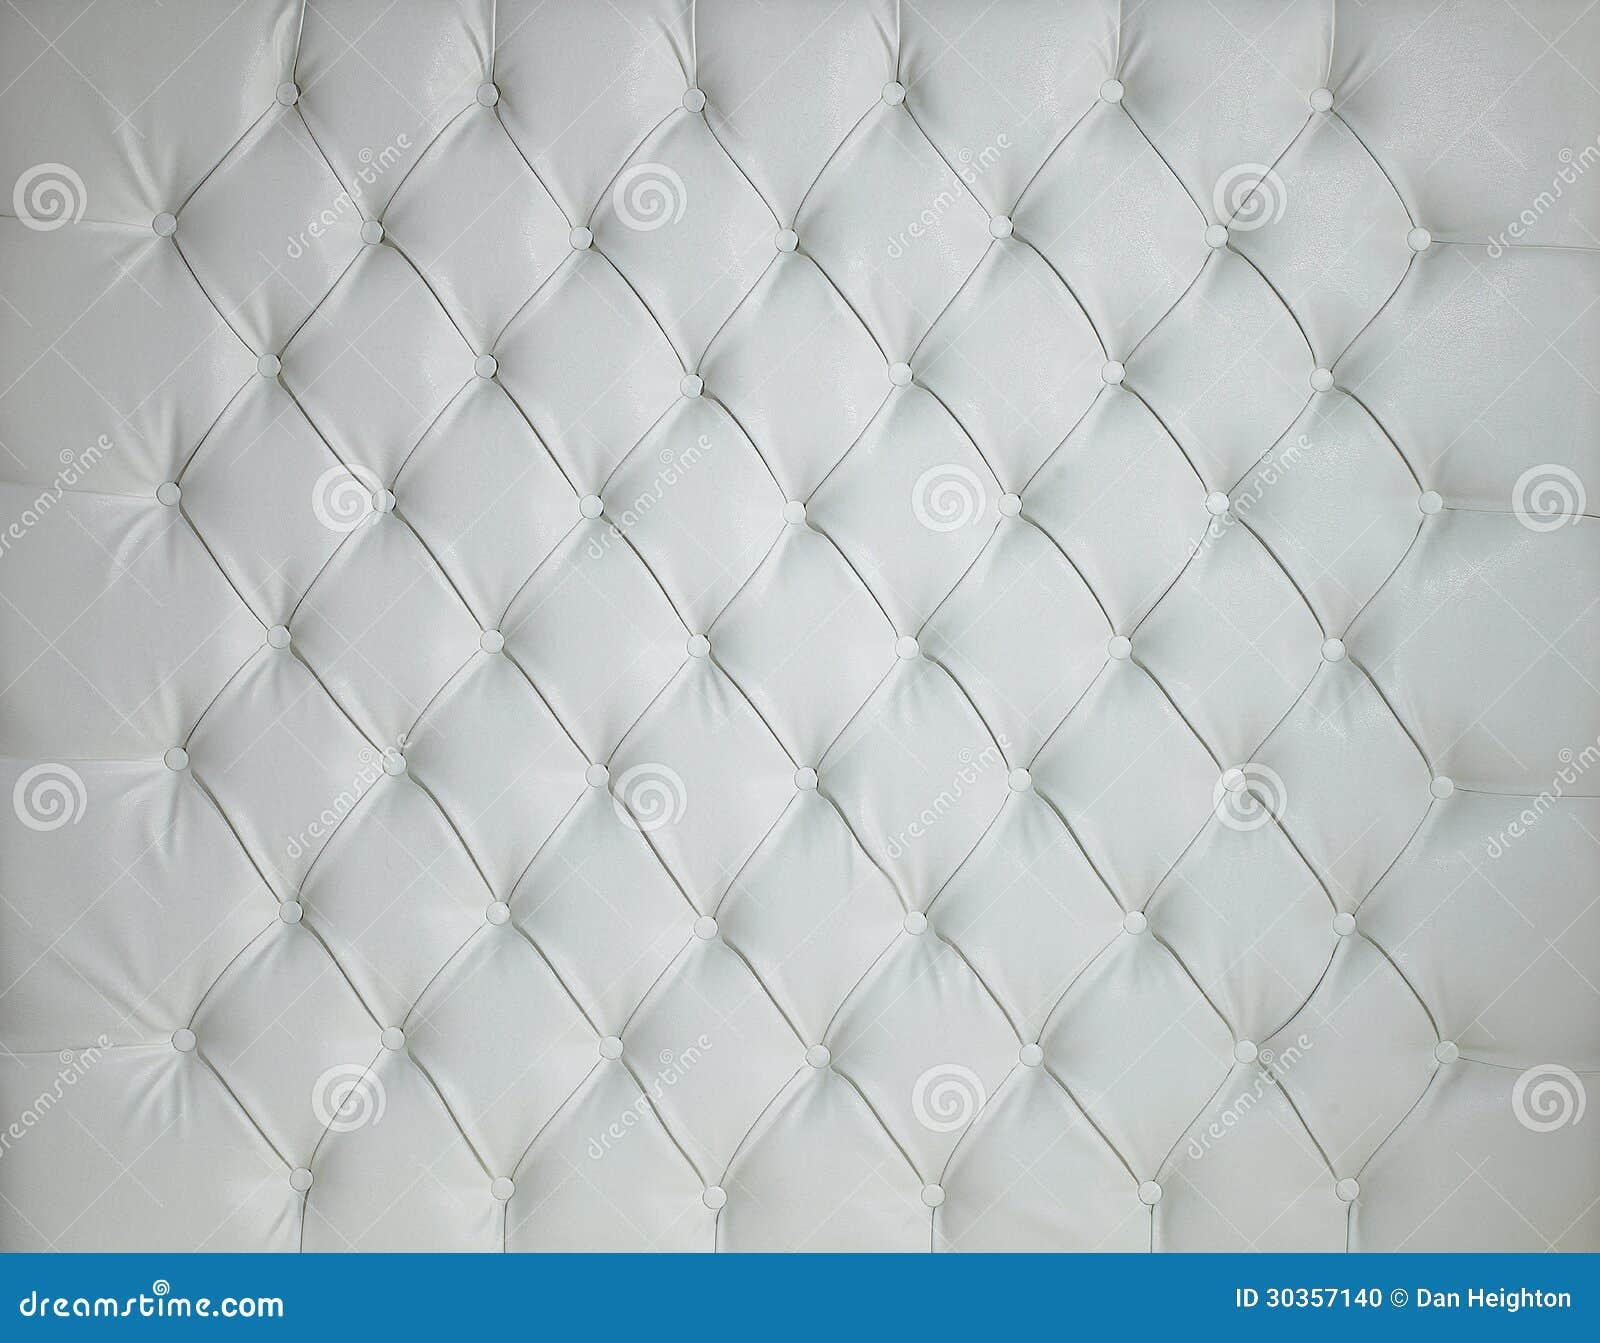 White Leather Padded Studded Luxury Background Stock Photo